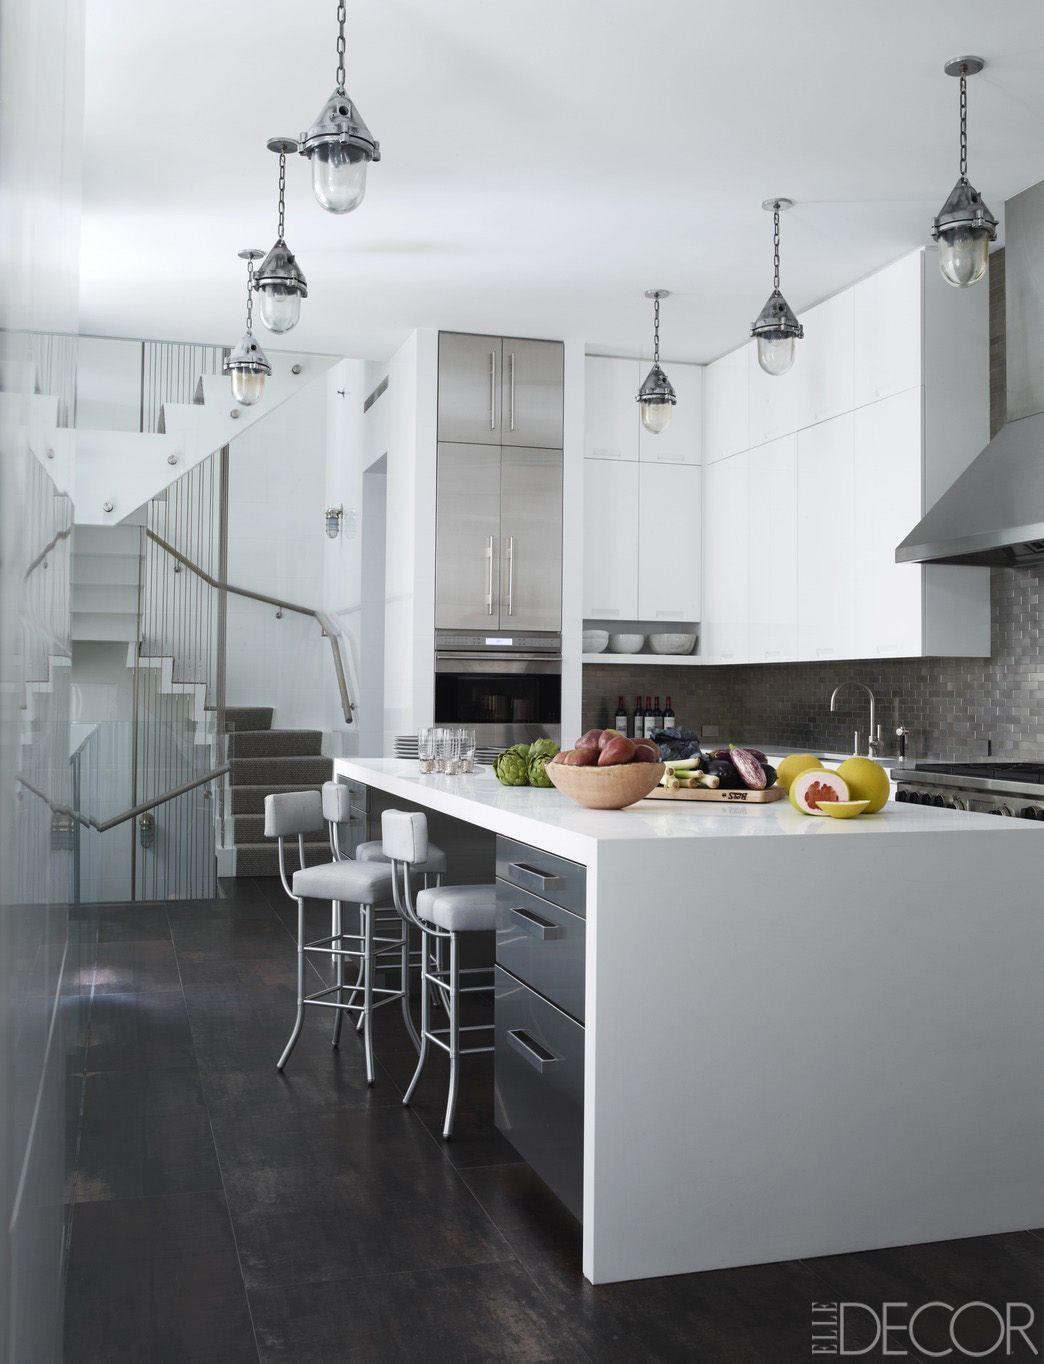 über küchenschrank ideen zu dekorieren kitchen decor shelves organized pantry kitchen decor ideas tiles